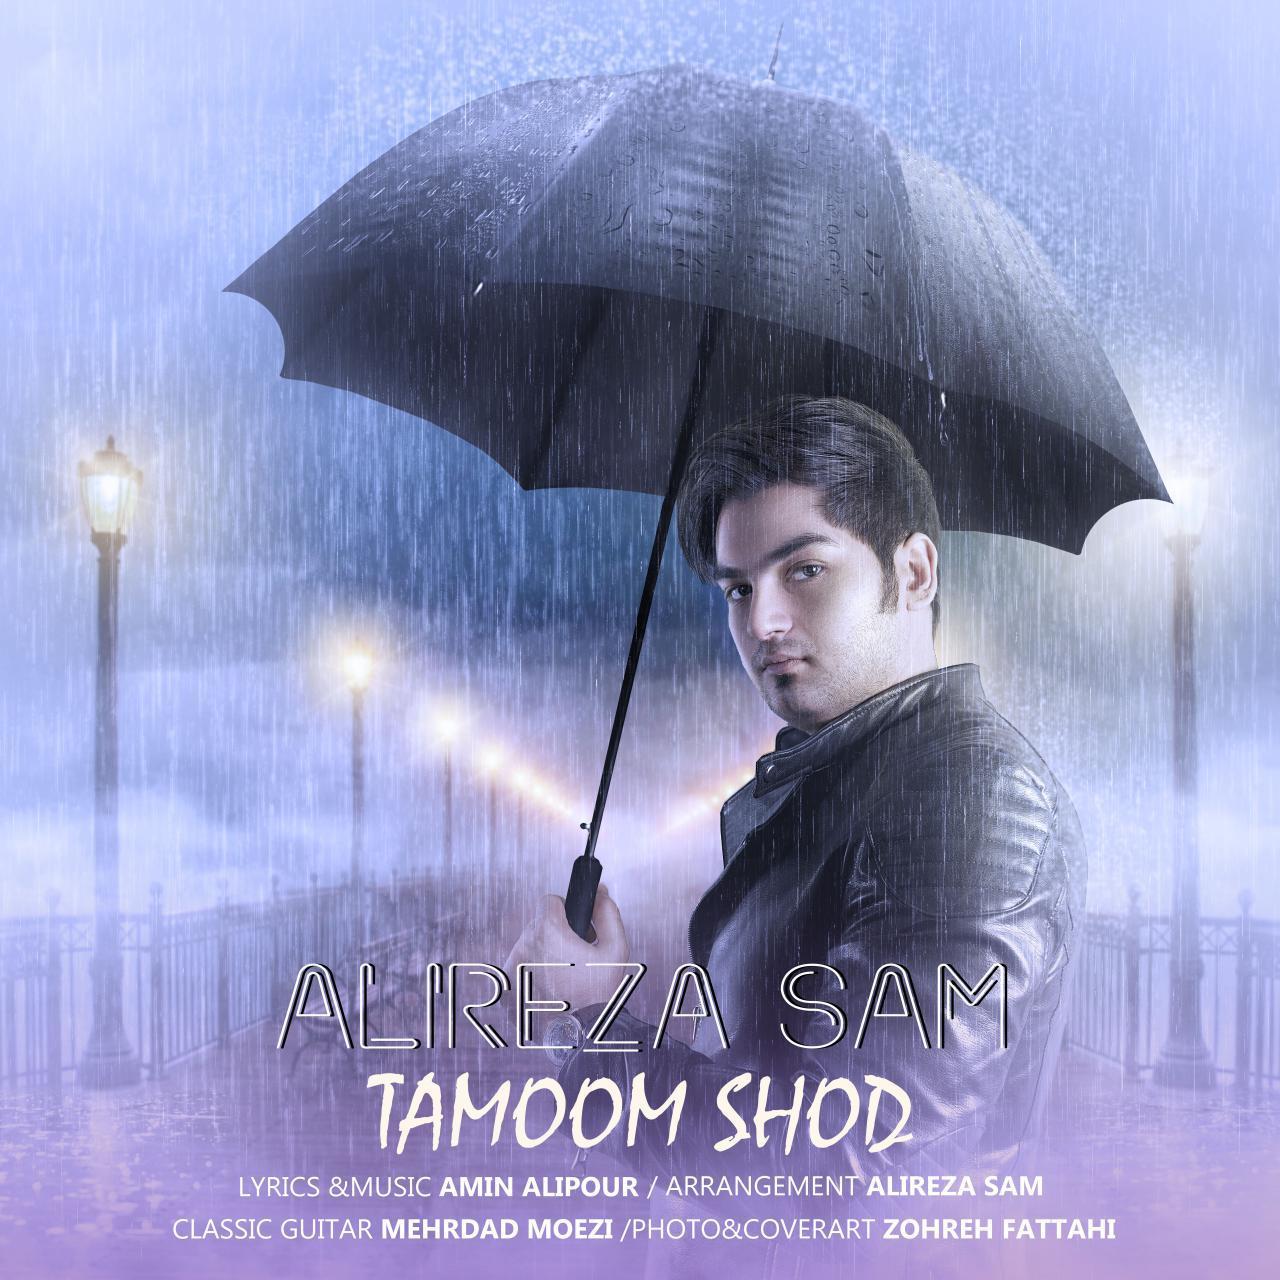 Alireza Sam – Tamoom Shod